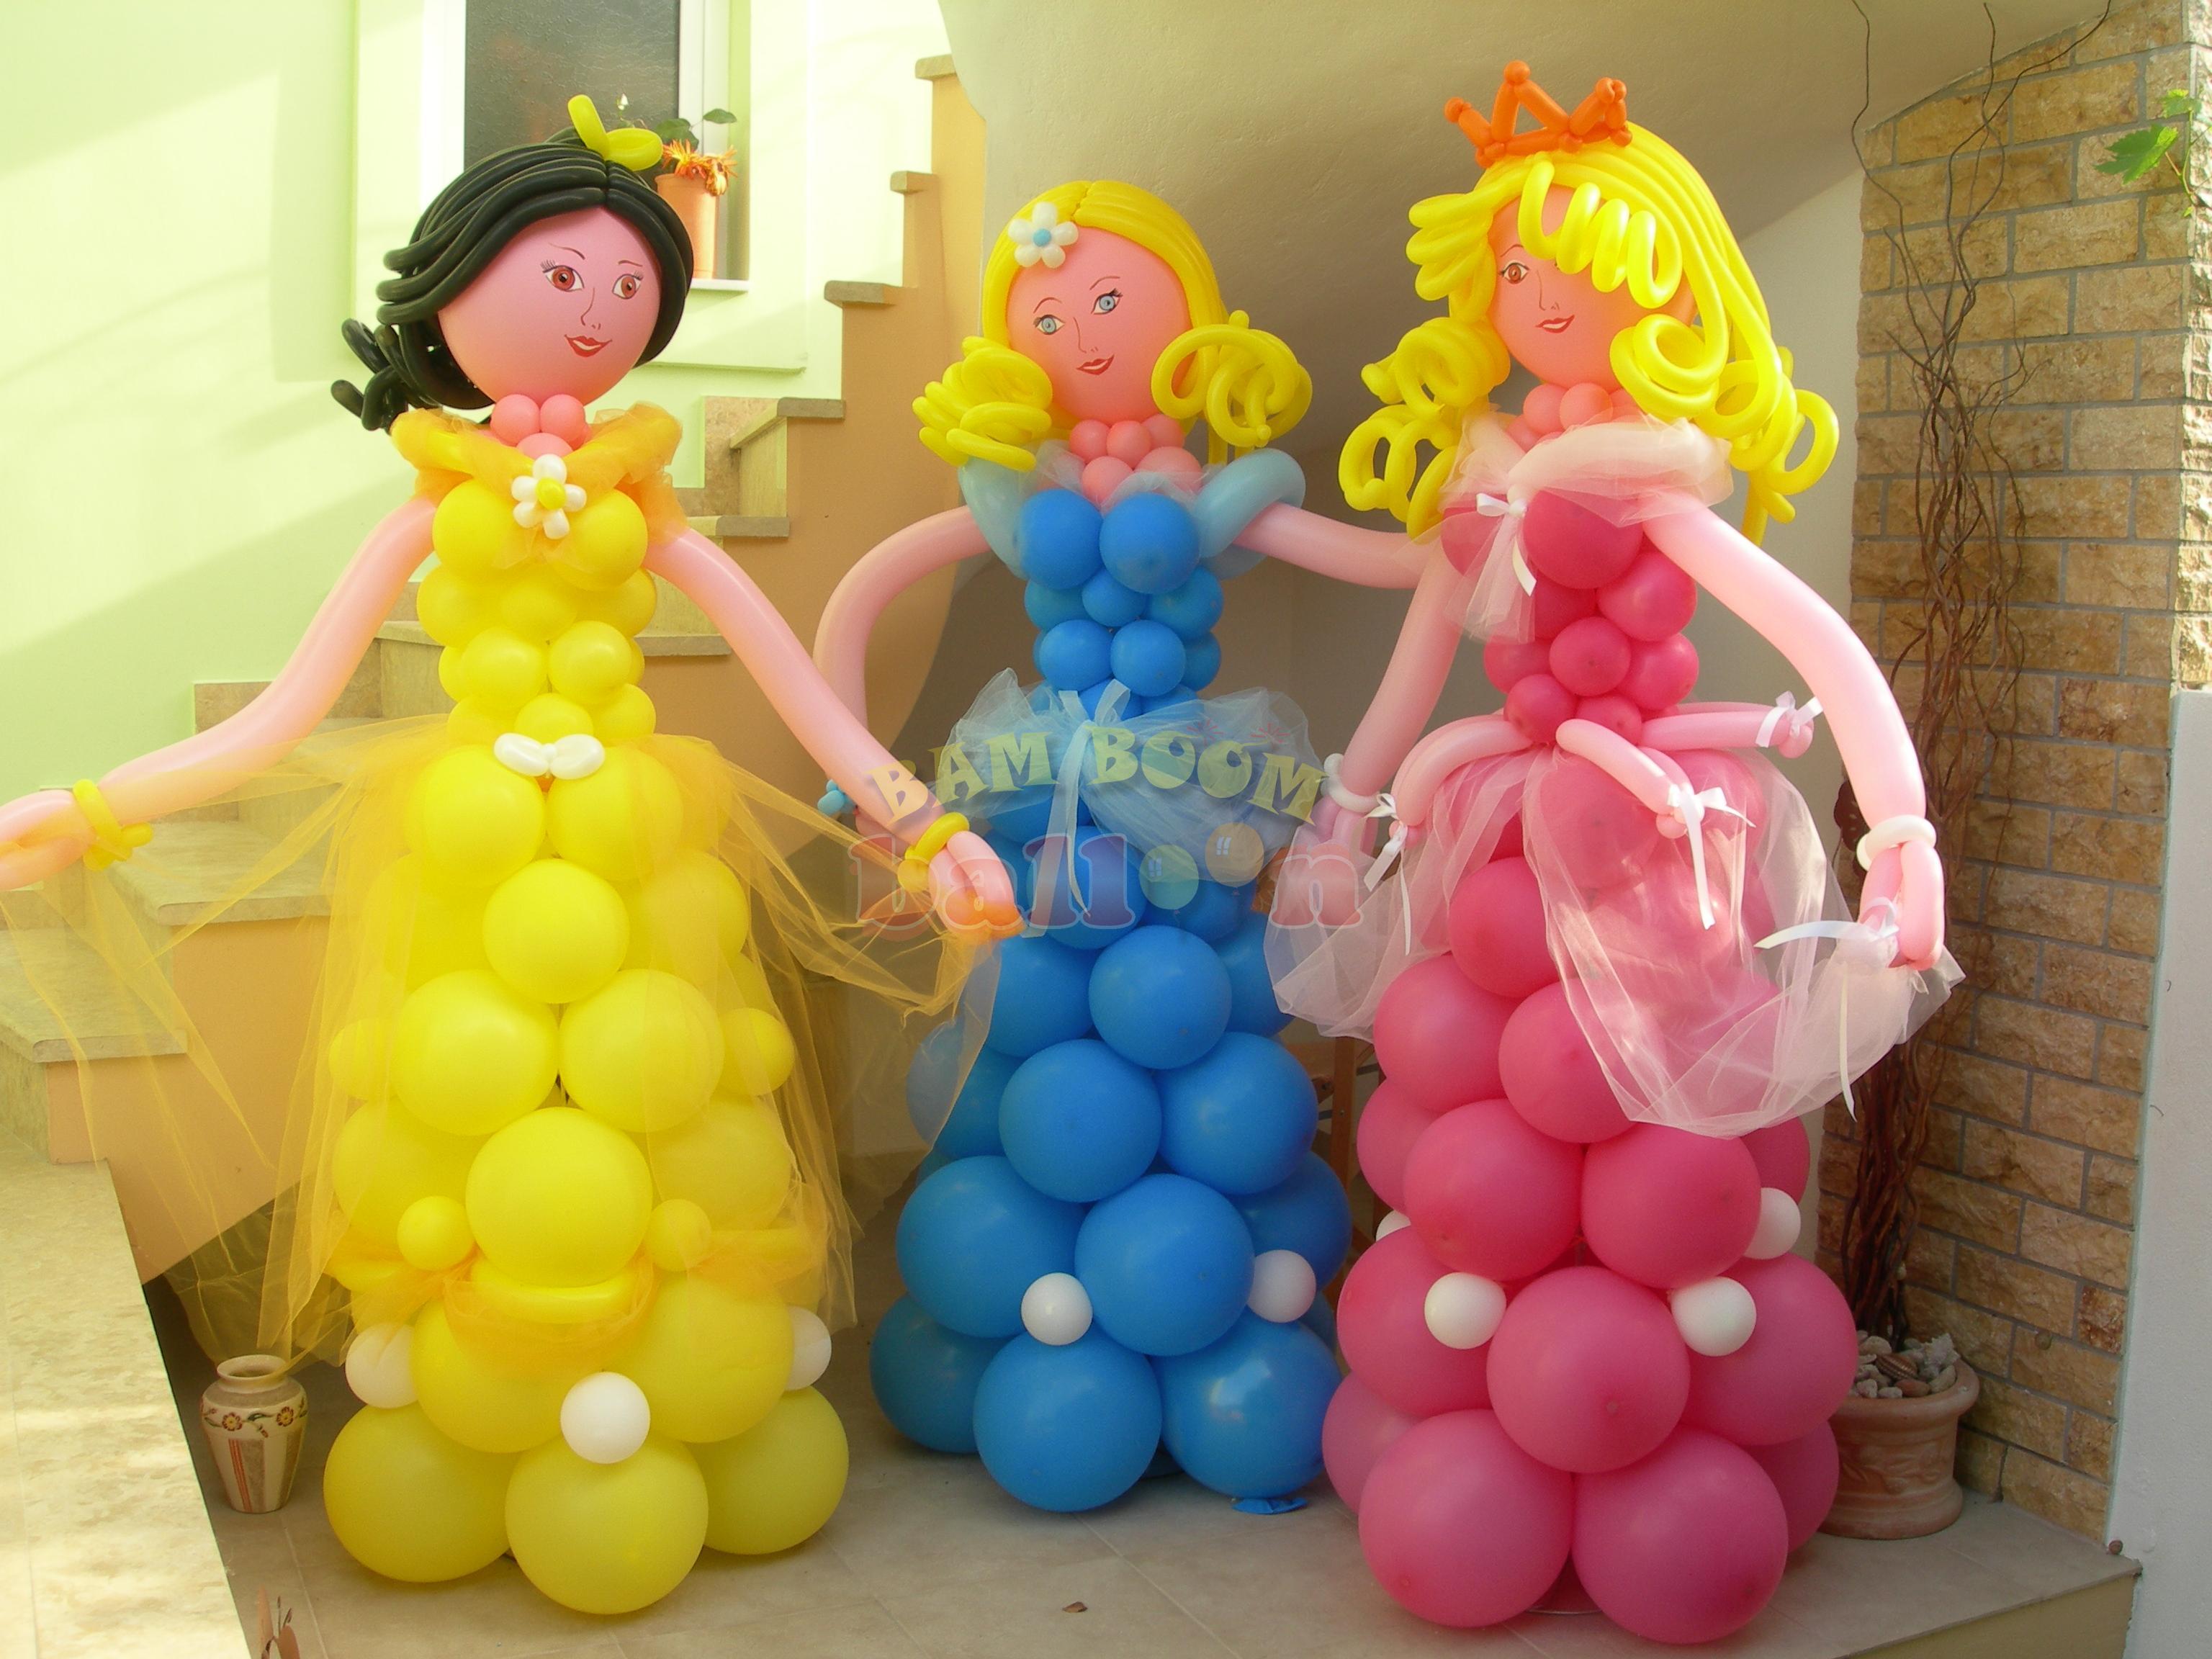 Οι τρεις πριγκίπισσες